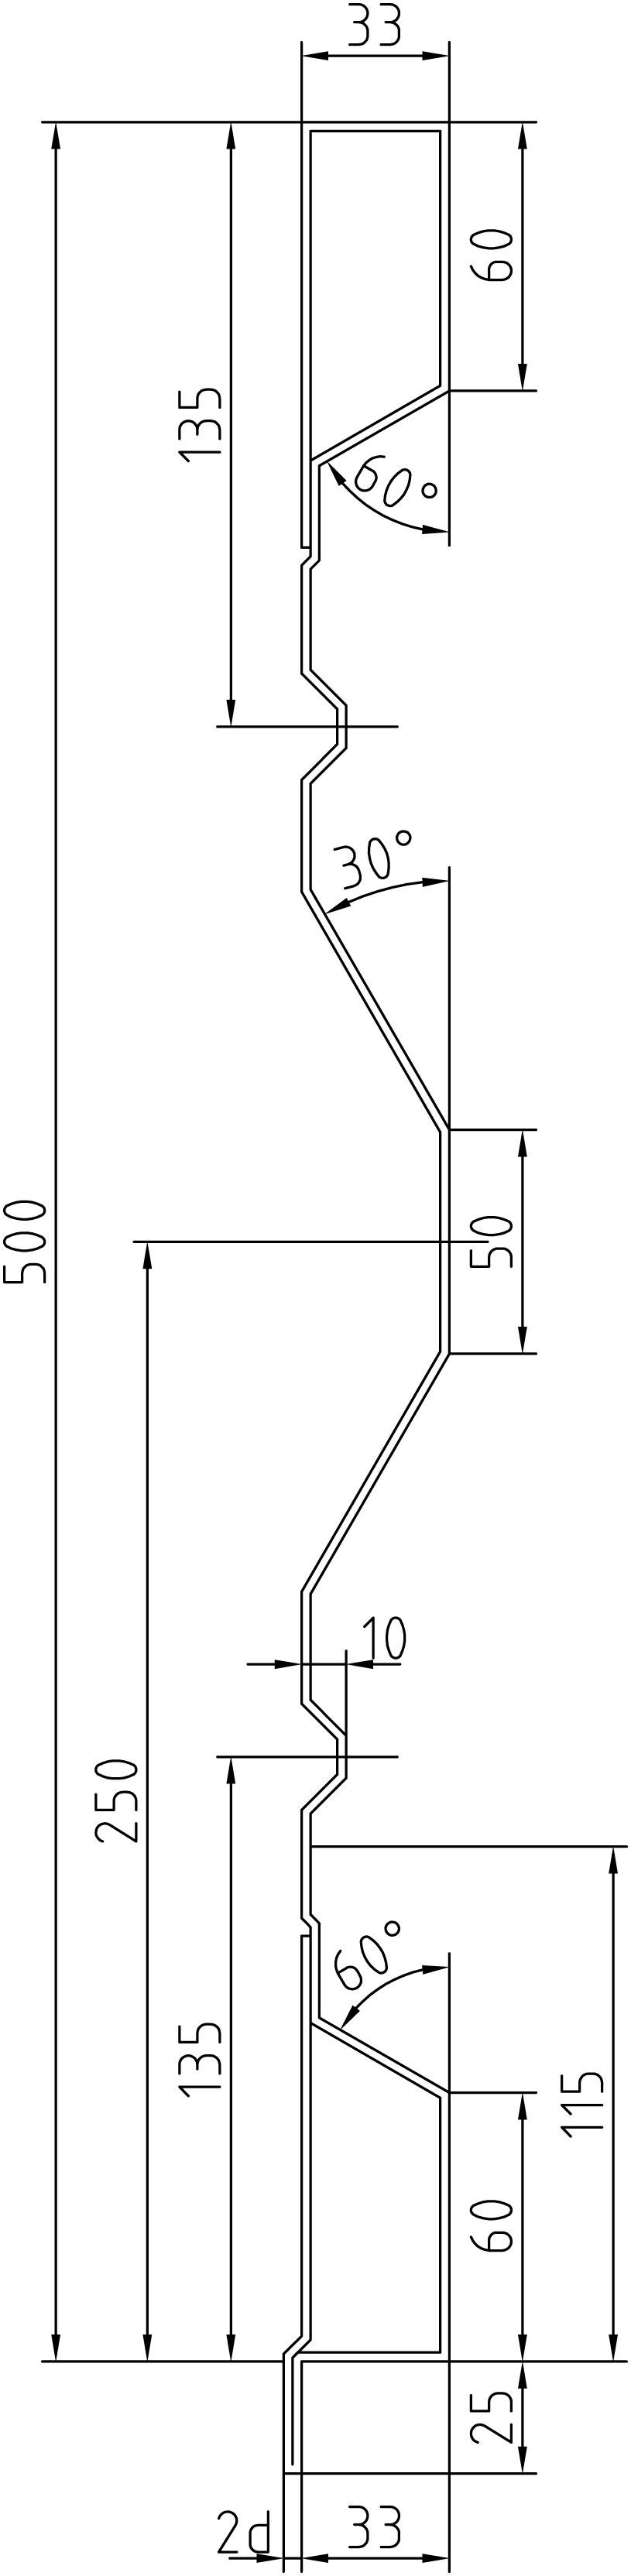 Brantner Kipper und Anhänger - AKmE HVAK 500x2 2141 Winkel 40/20/5